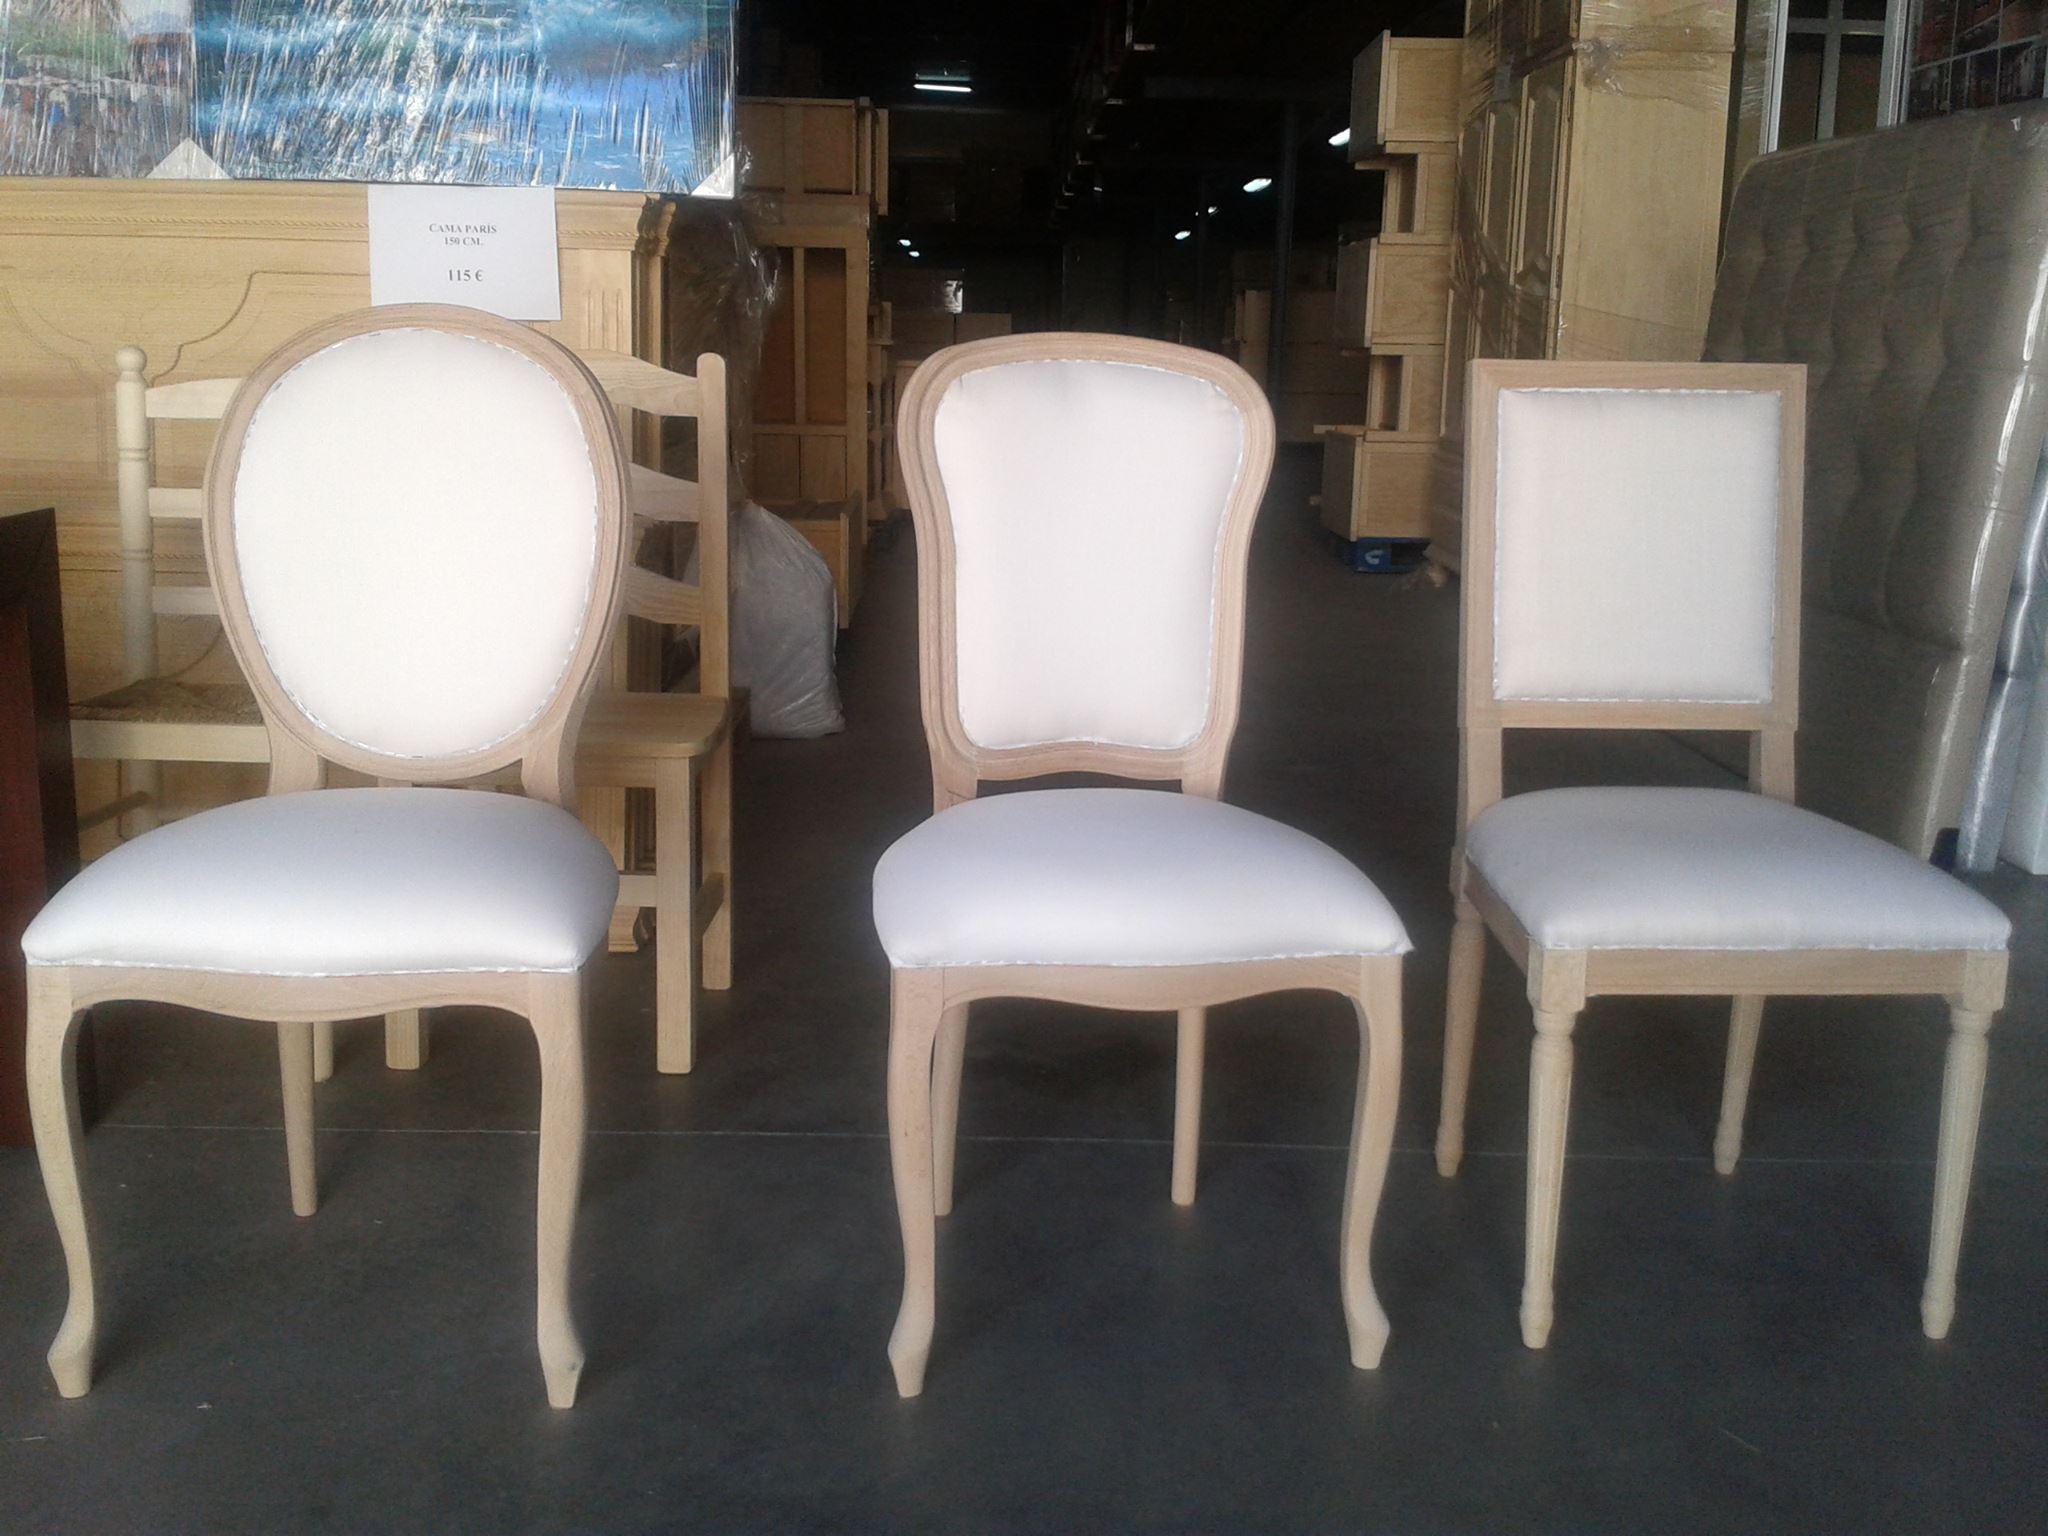 modelos de sillas en bruto para tapizar y lacar reformas